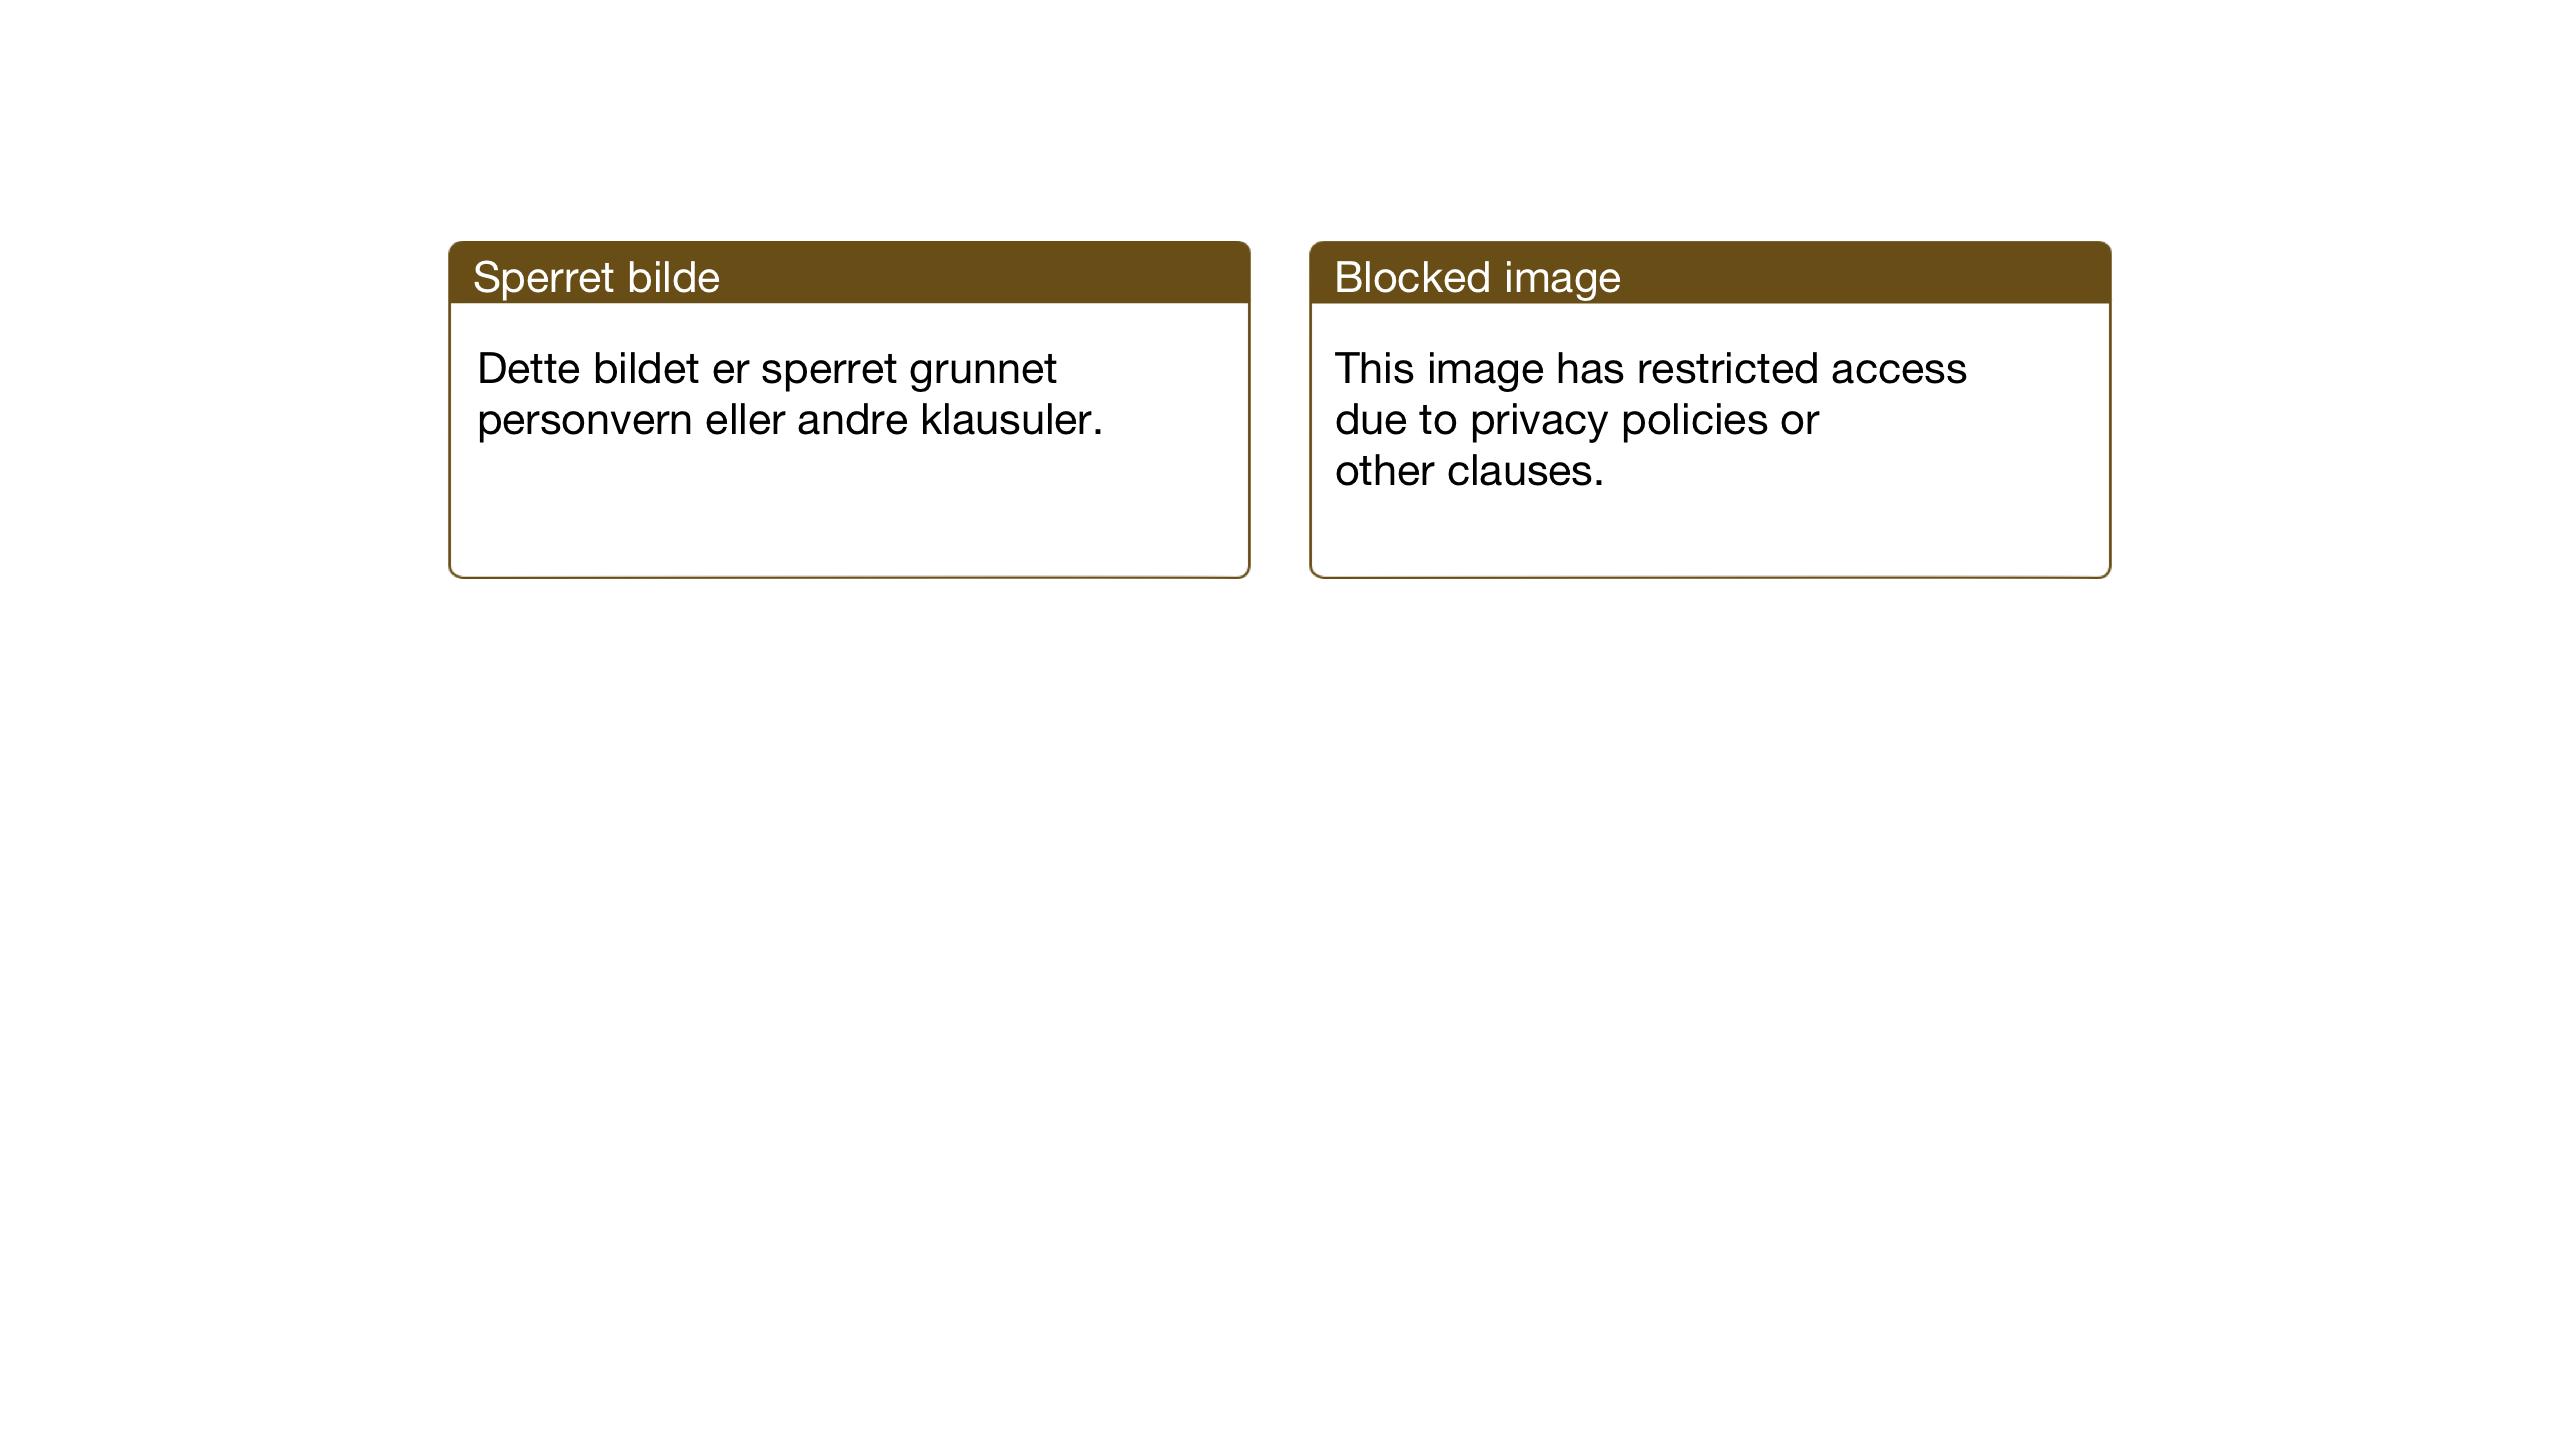 SAT, Ministerialprotokoller, klokkerbøker og fødselsregistre - Nord-Trøndelag, 733/L0328: Klokkerbok nr. 733C03, 1919-1966, s. 17